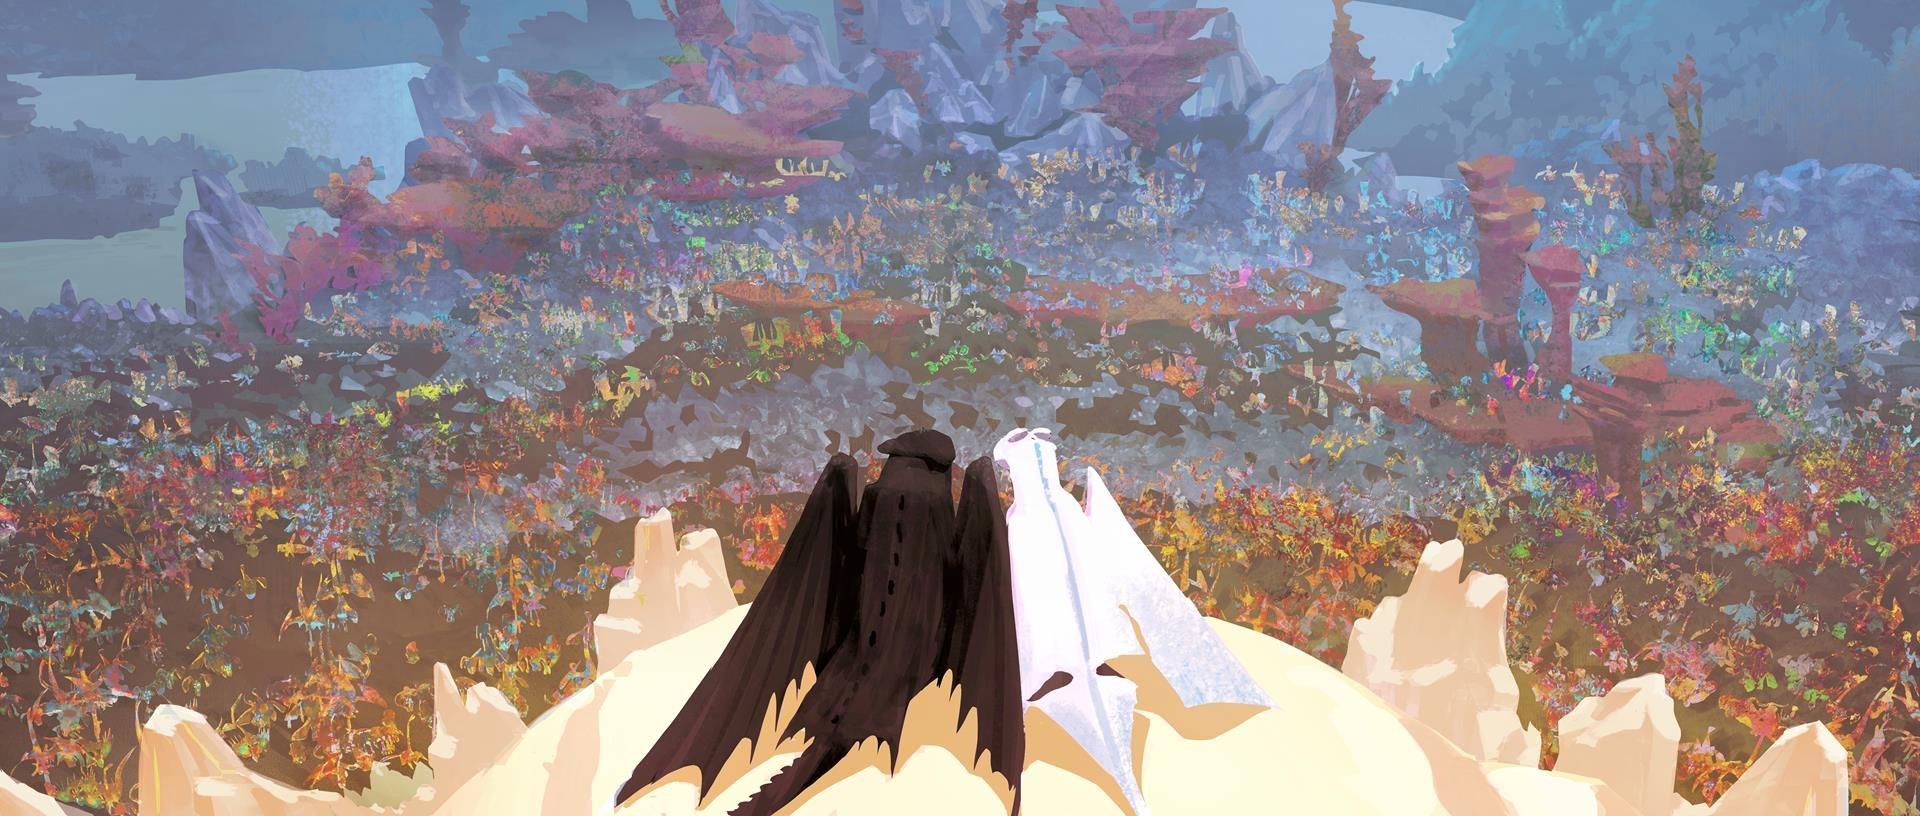 Gallery Hidden World How to